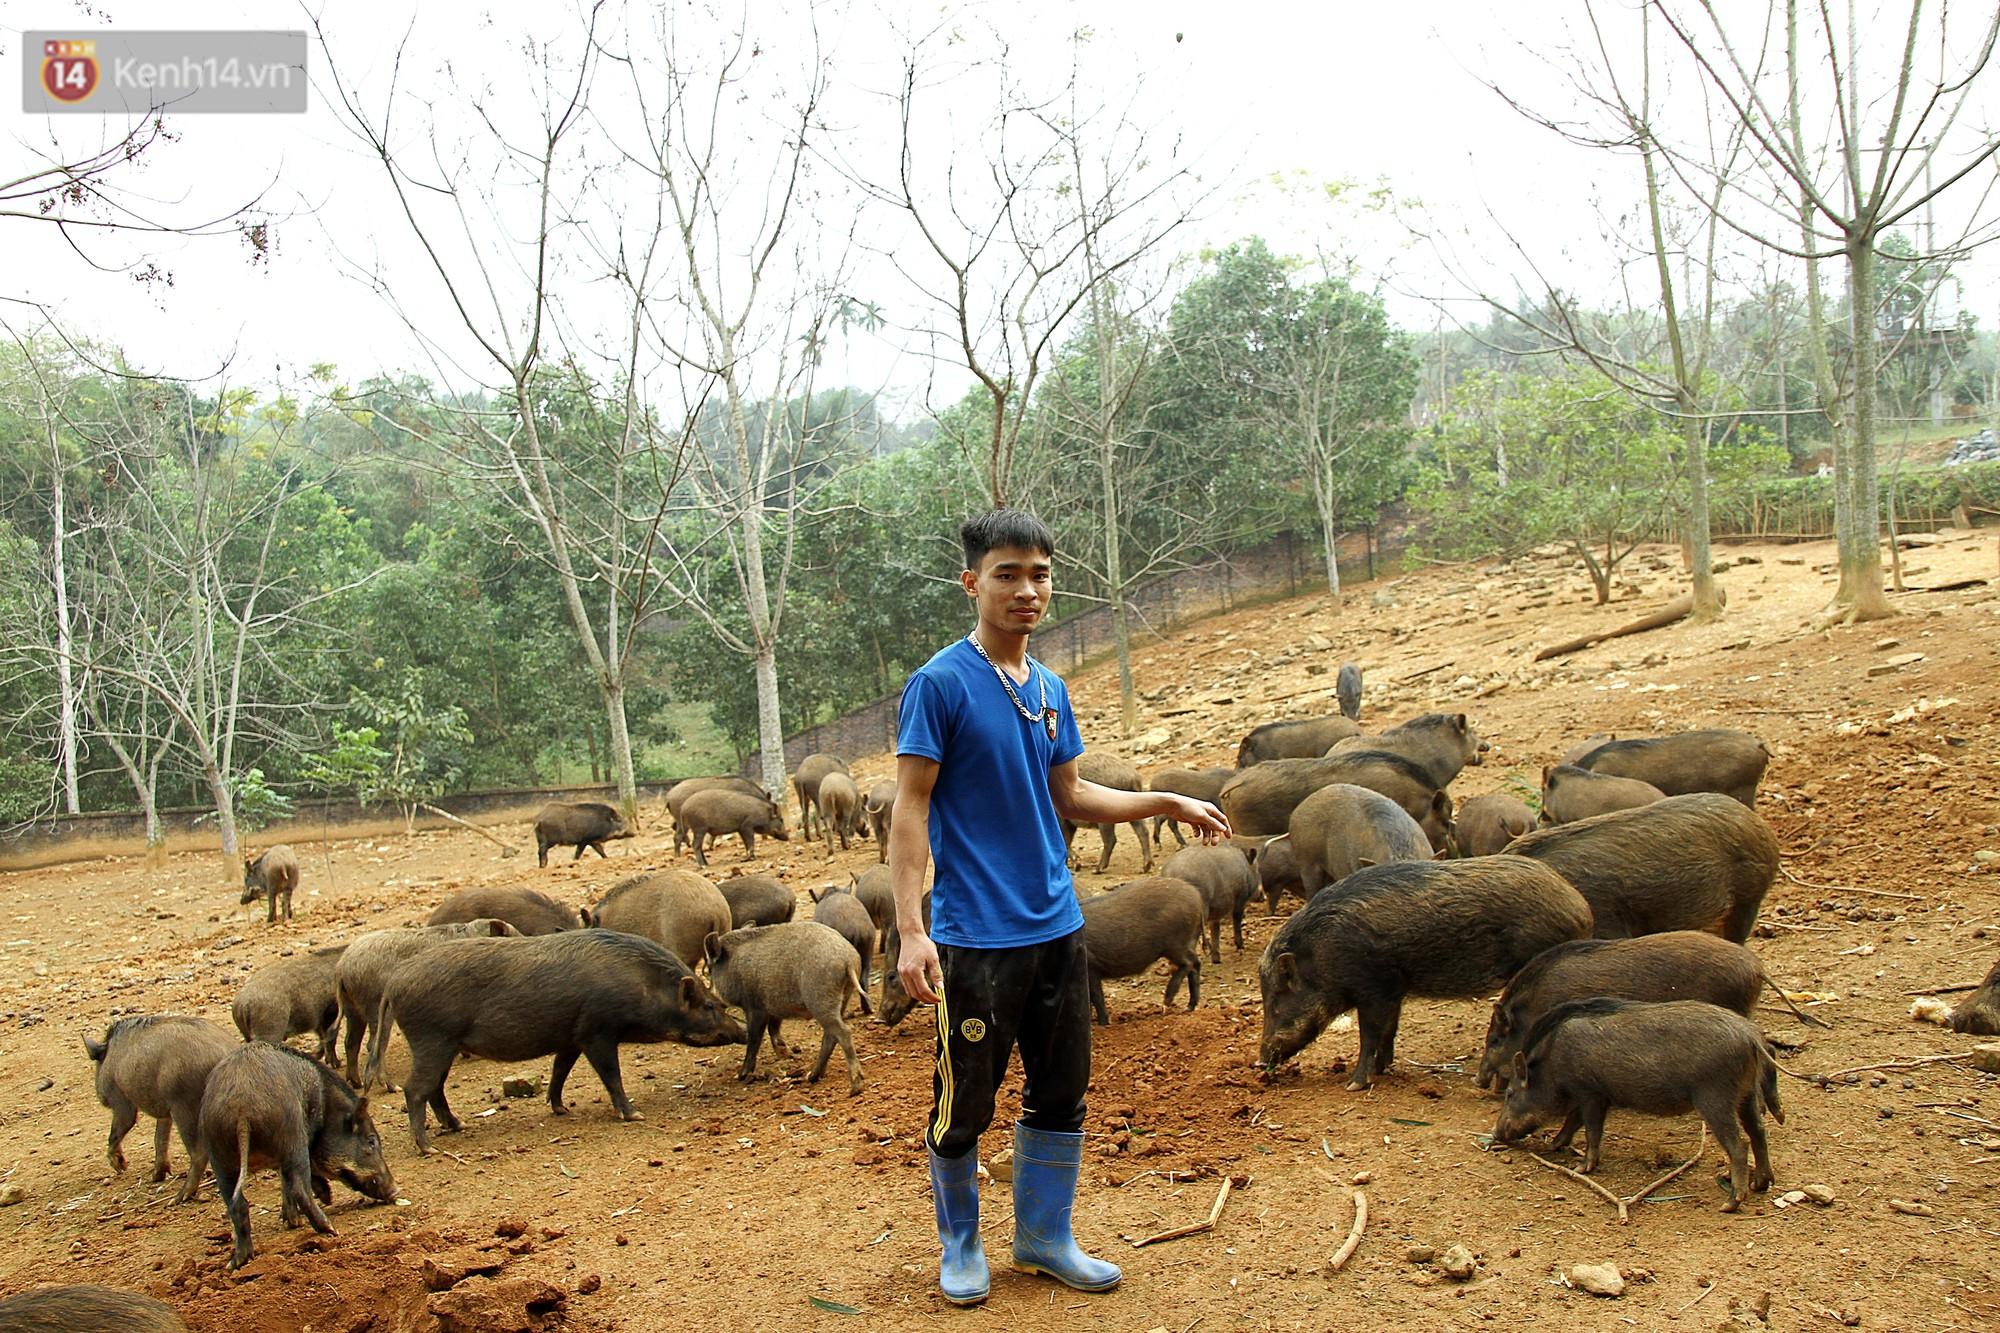 Tùng tập hợp cả đàn lợn bằng tiếng còi xe rất đơn giản.